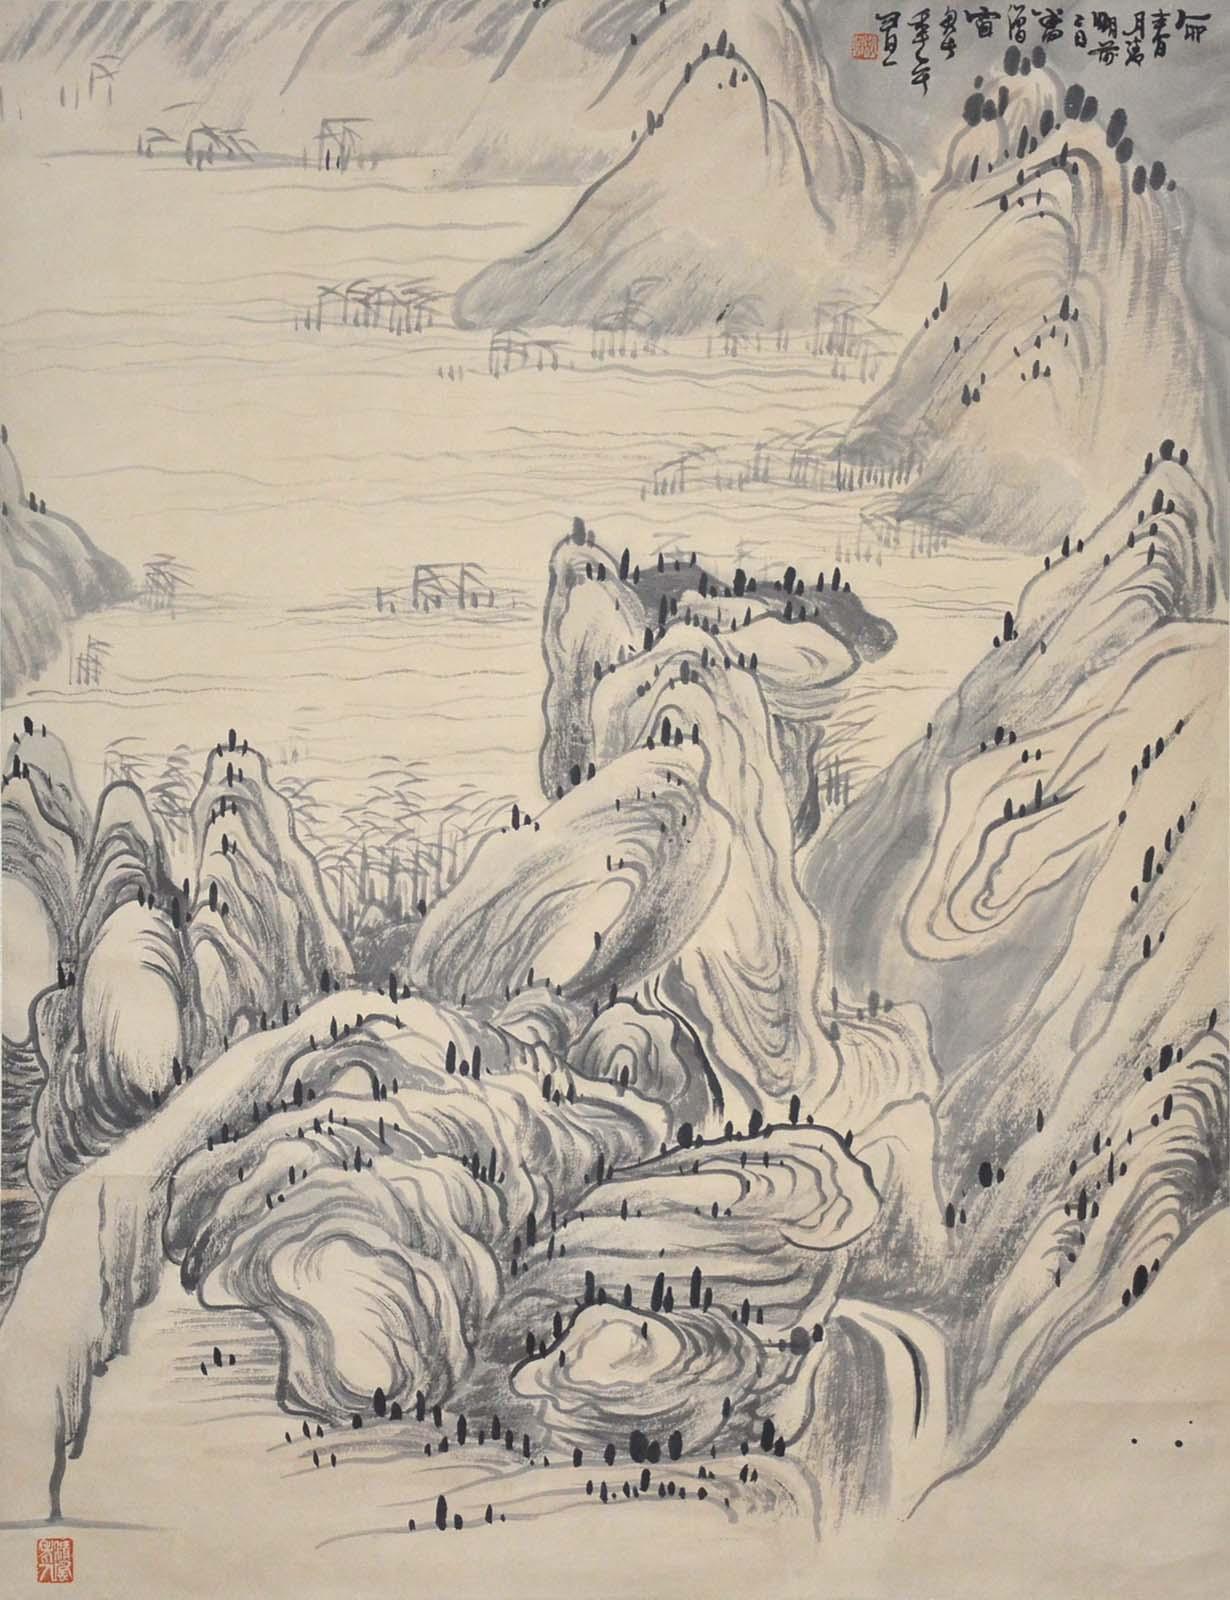 Lot 59 - 黃秋園  (1913 - 1979)  遠山雲海  水墨紙本立軸  款識:  春月清明前二日  半个僧畫此年六十有一  鈐印:(清風老人)(秋園)  Huang Qiuyuan  Landscape